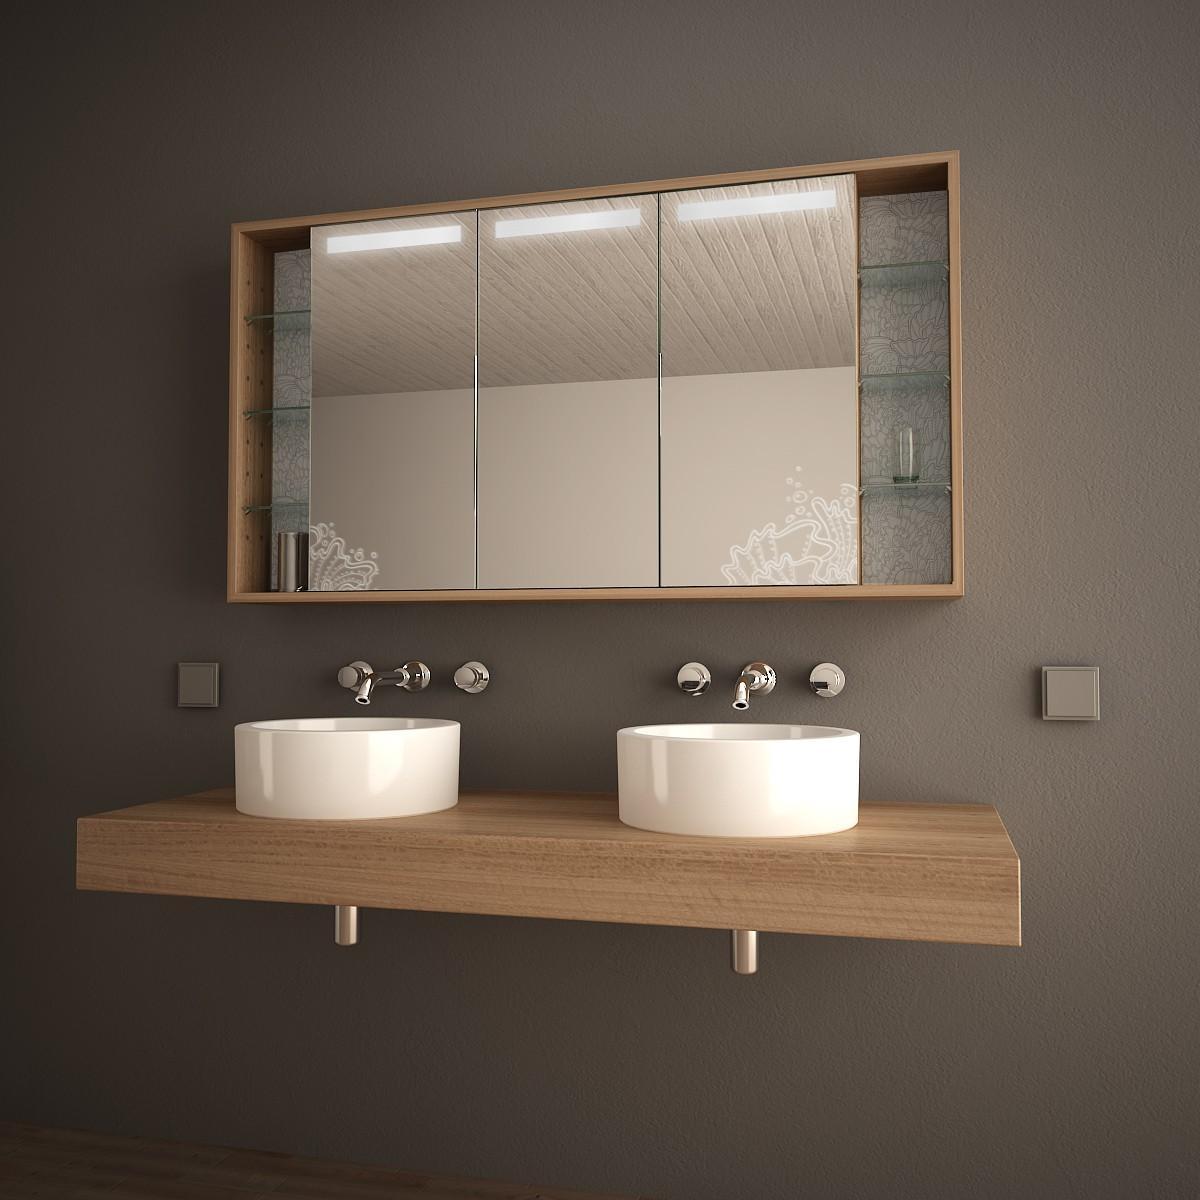 Spiegelschrank Badezimmer Mit Beleuchtung